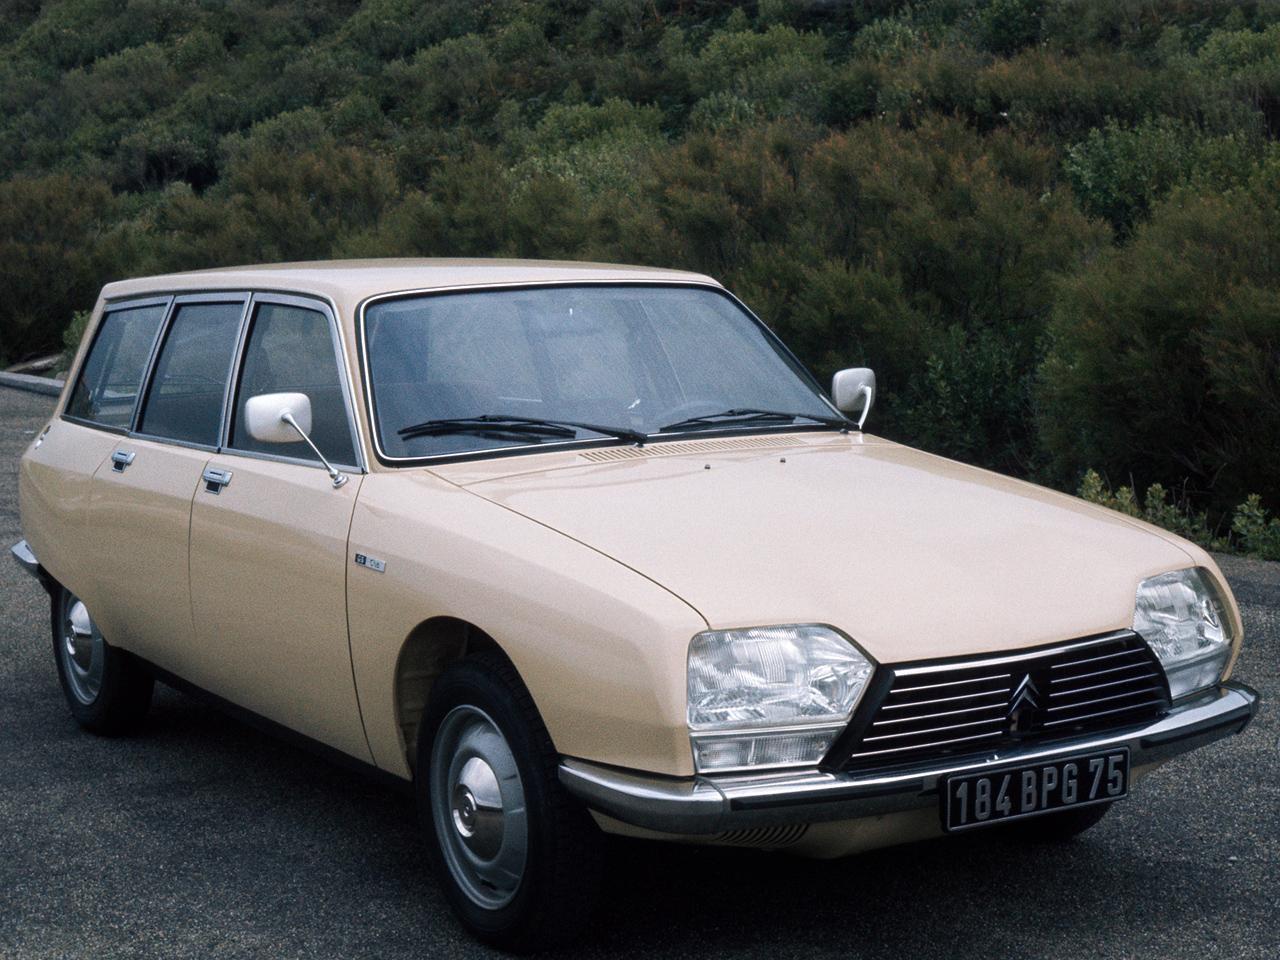 File:Citroen GS Club 1200 1978 (8931529328).jpg